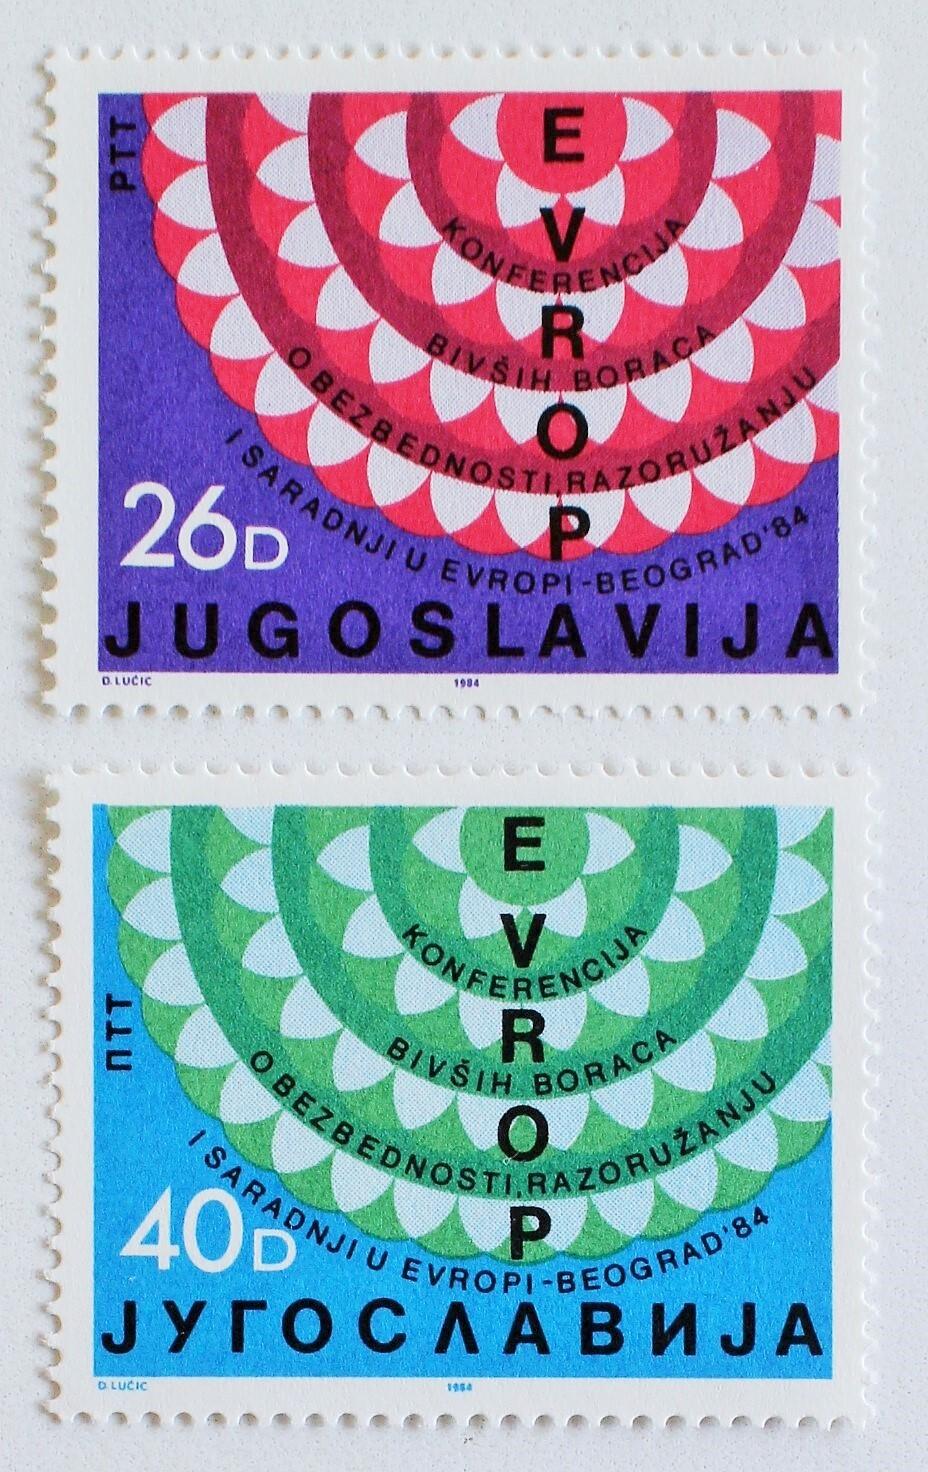 ヨーロッパ共同体 / ユーゴスラビア 1984